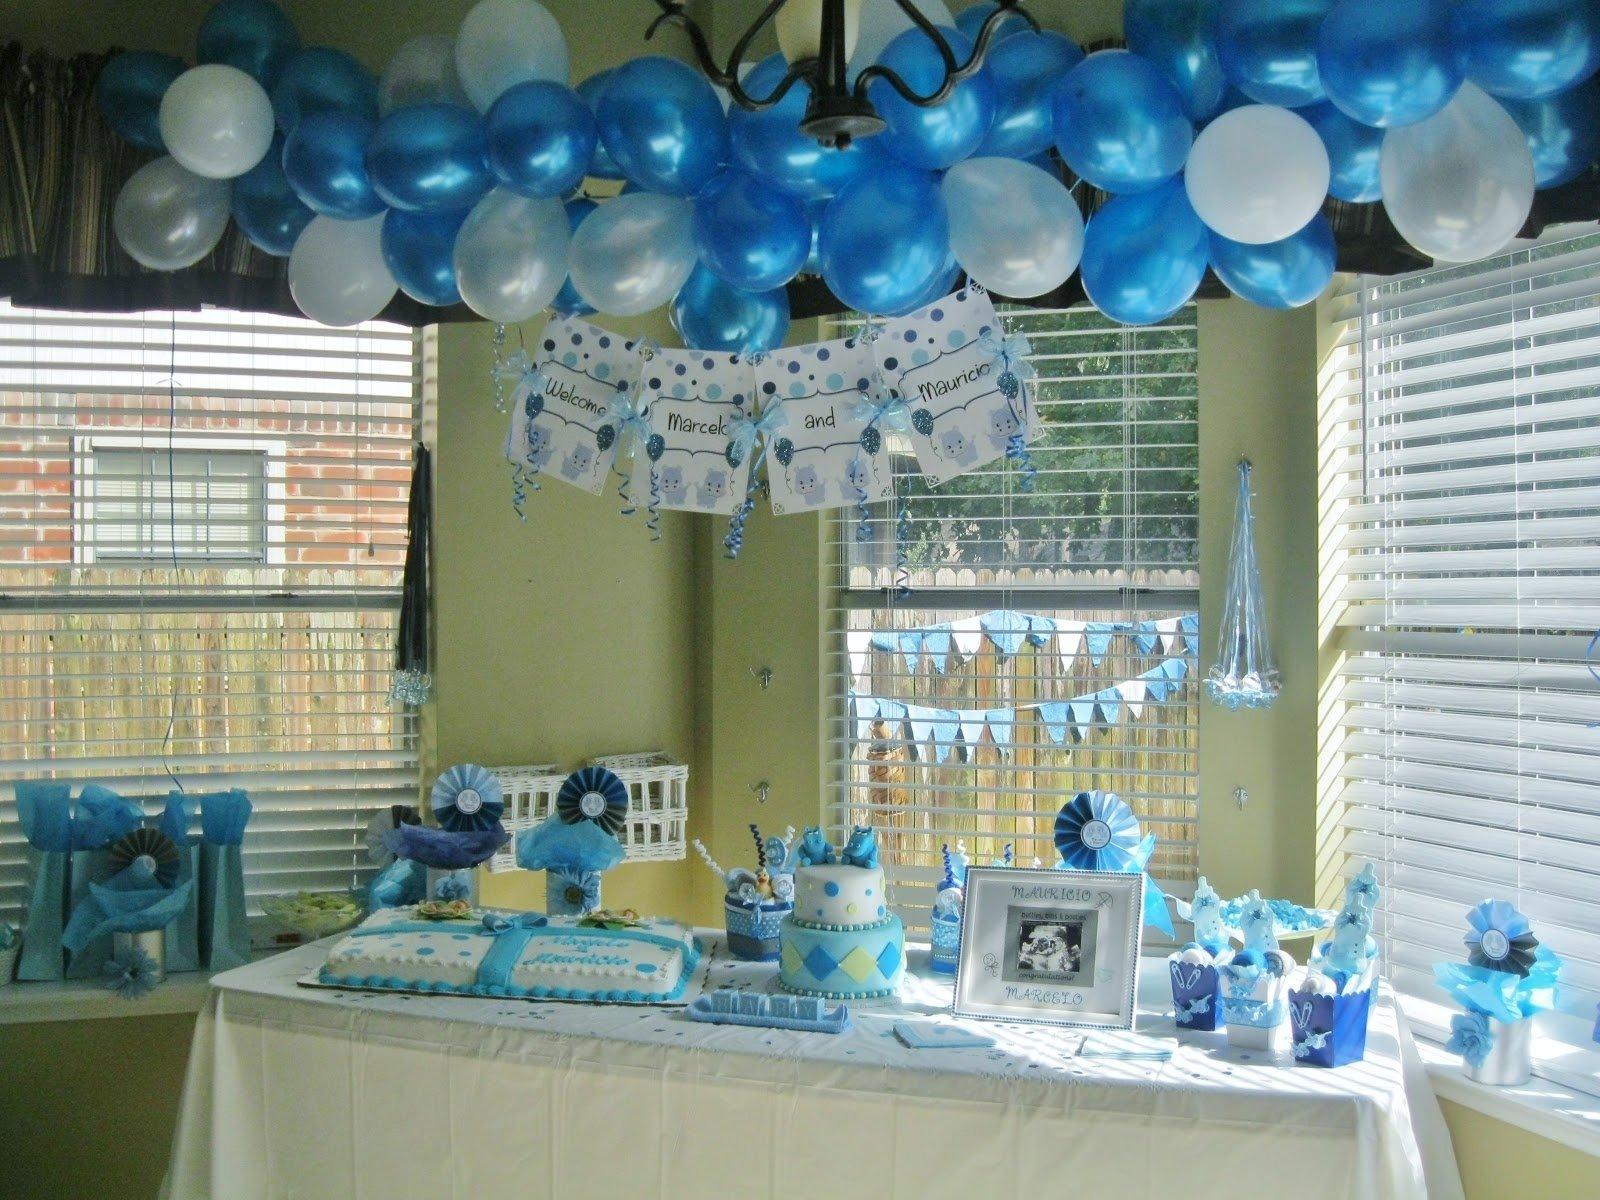 10 Most Popular Baby Shower Favor Ideas For Boys cute unique baby shower centerpieces deboto home design unique 12 2021